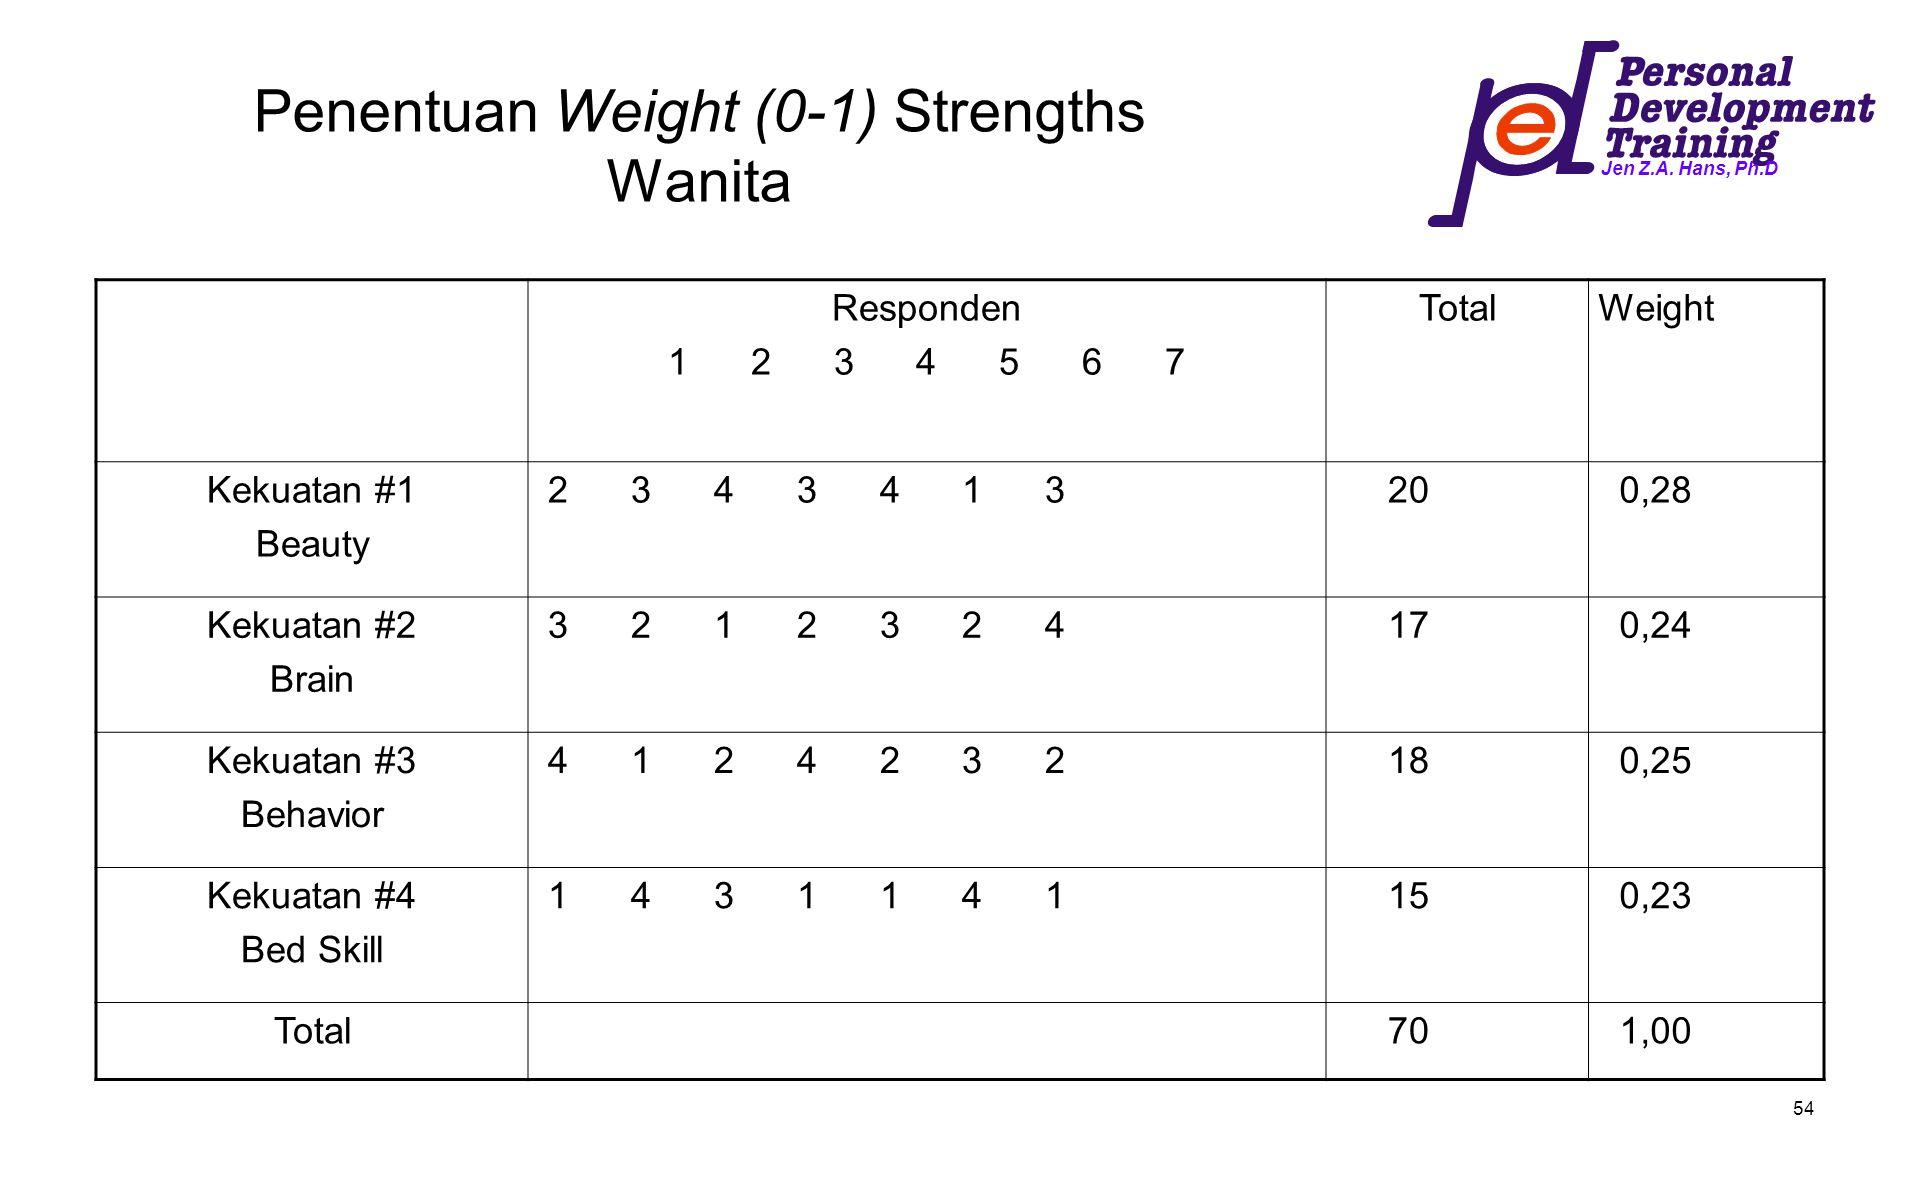 Jen Z.A. Hans, Ph.D 54 Penentuan Weight (0-1) Strengths Wanita Responden 1 2 3 4 5 6 7 TotalWeight Kekuatan #1 Beauty 2 3 4 3 4 1 3 20 0,28 Kekuatan #